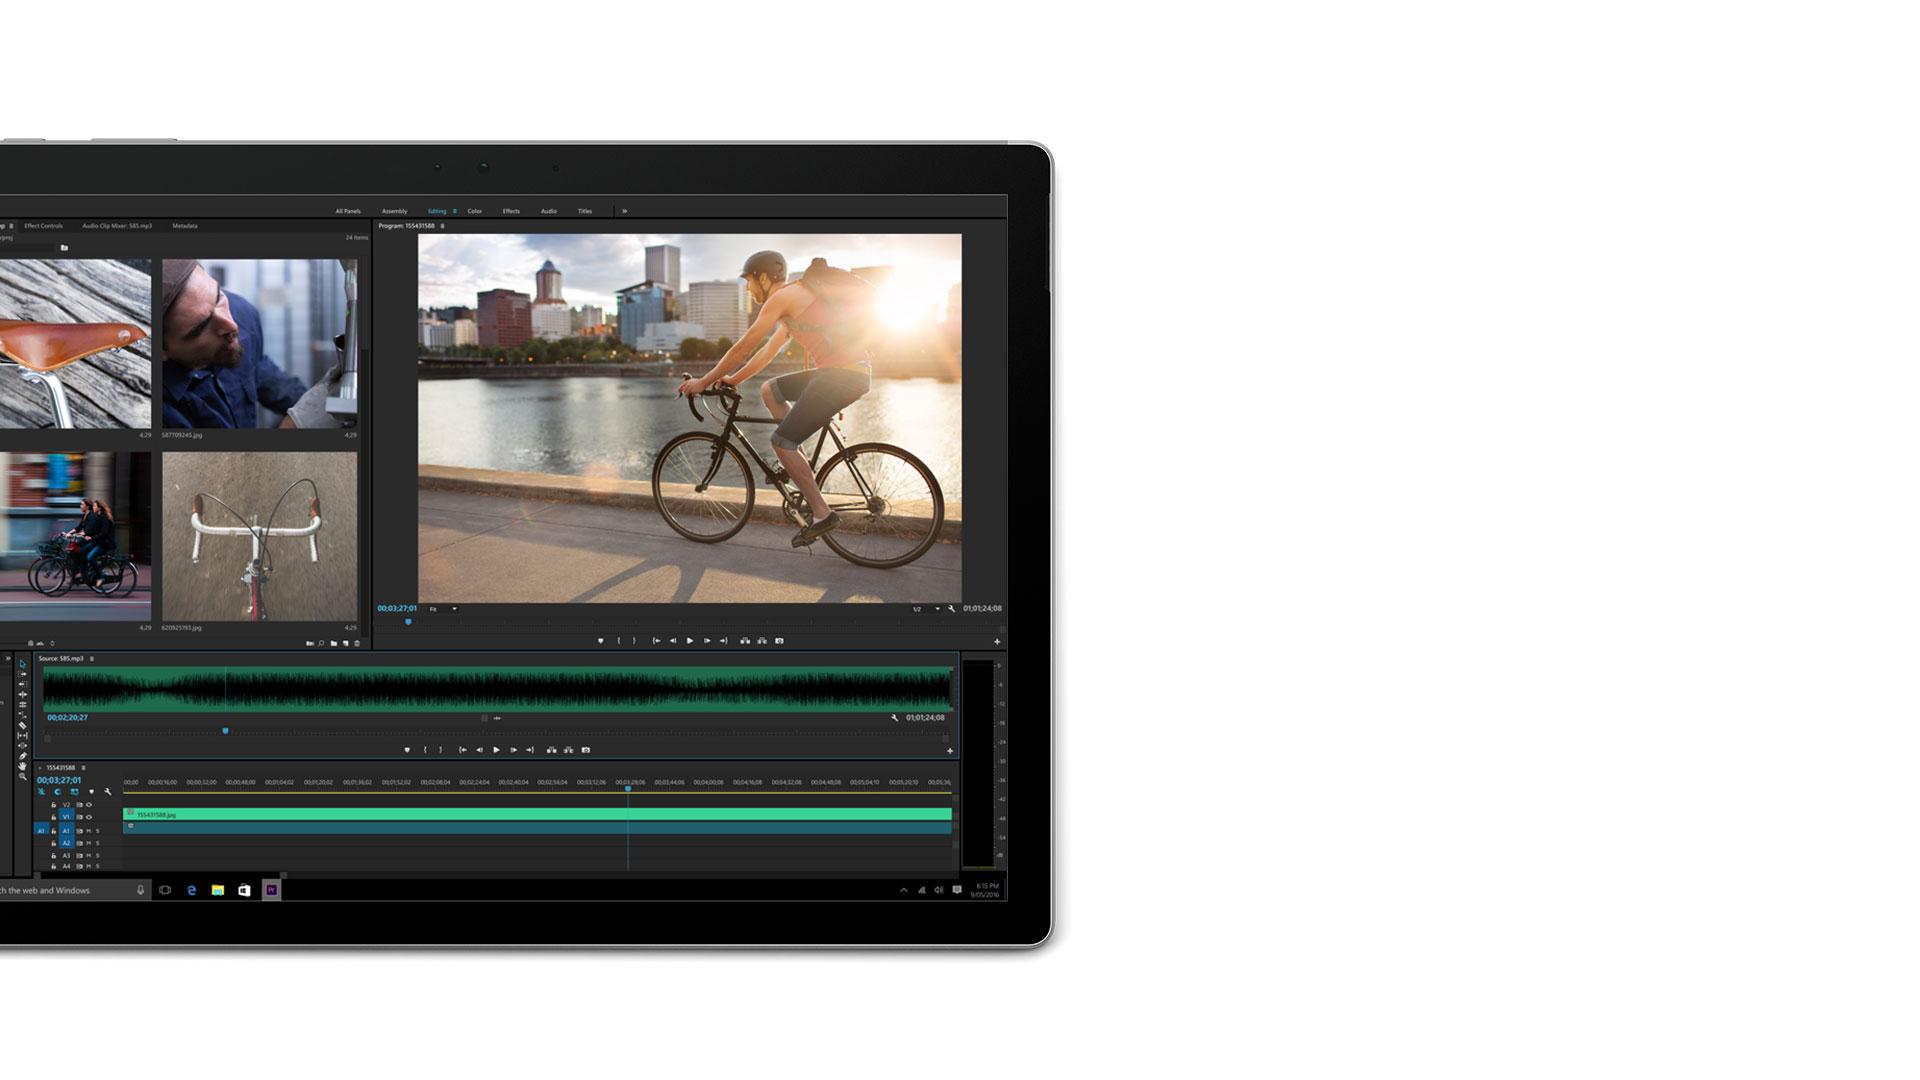 Surface Book-Display mit geöffnetem Adobe Premier